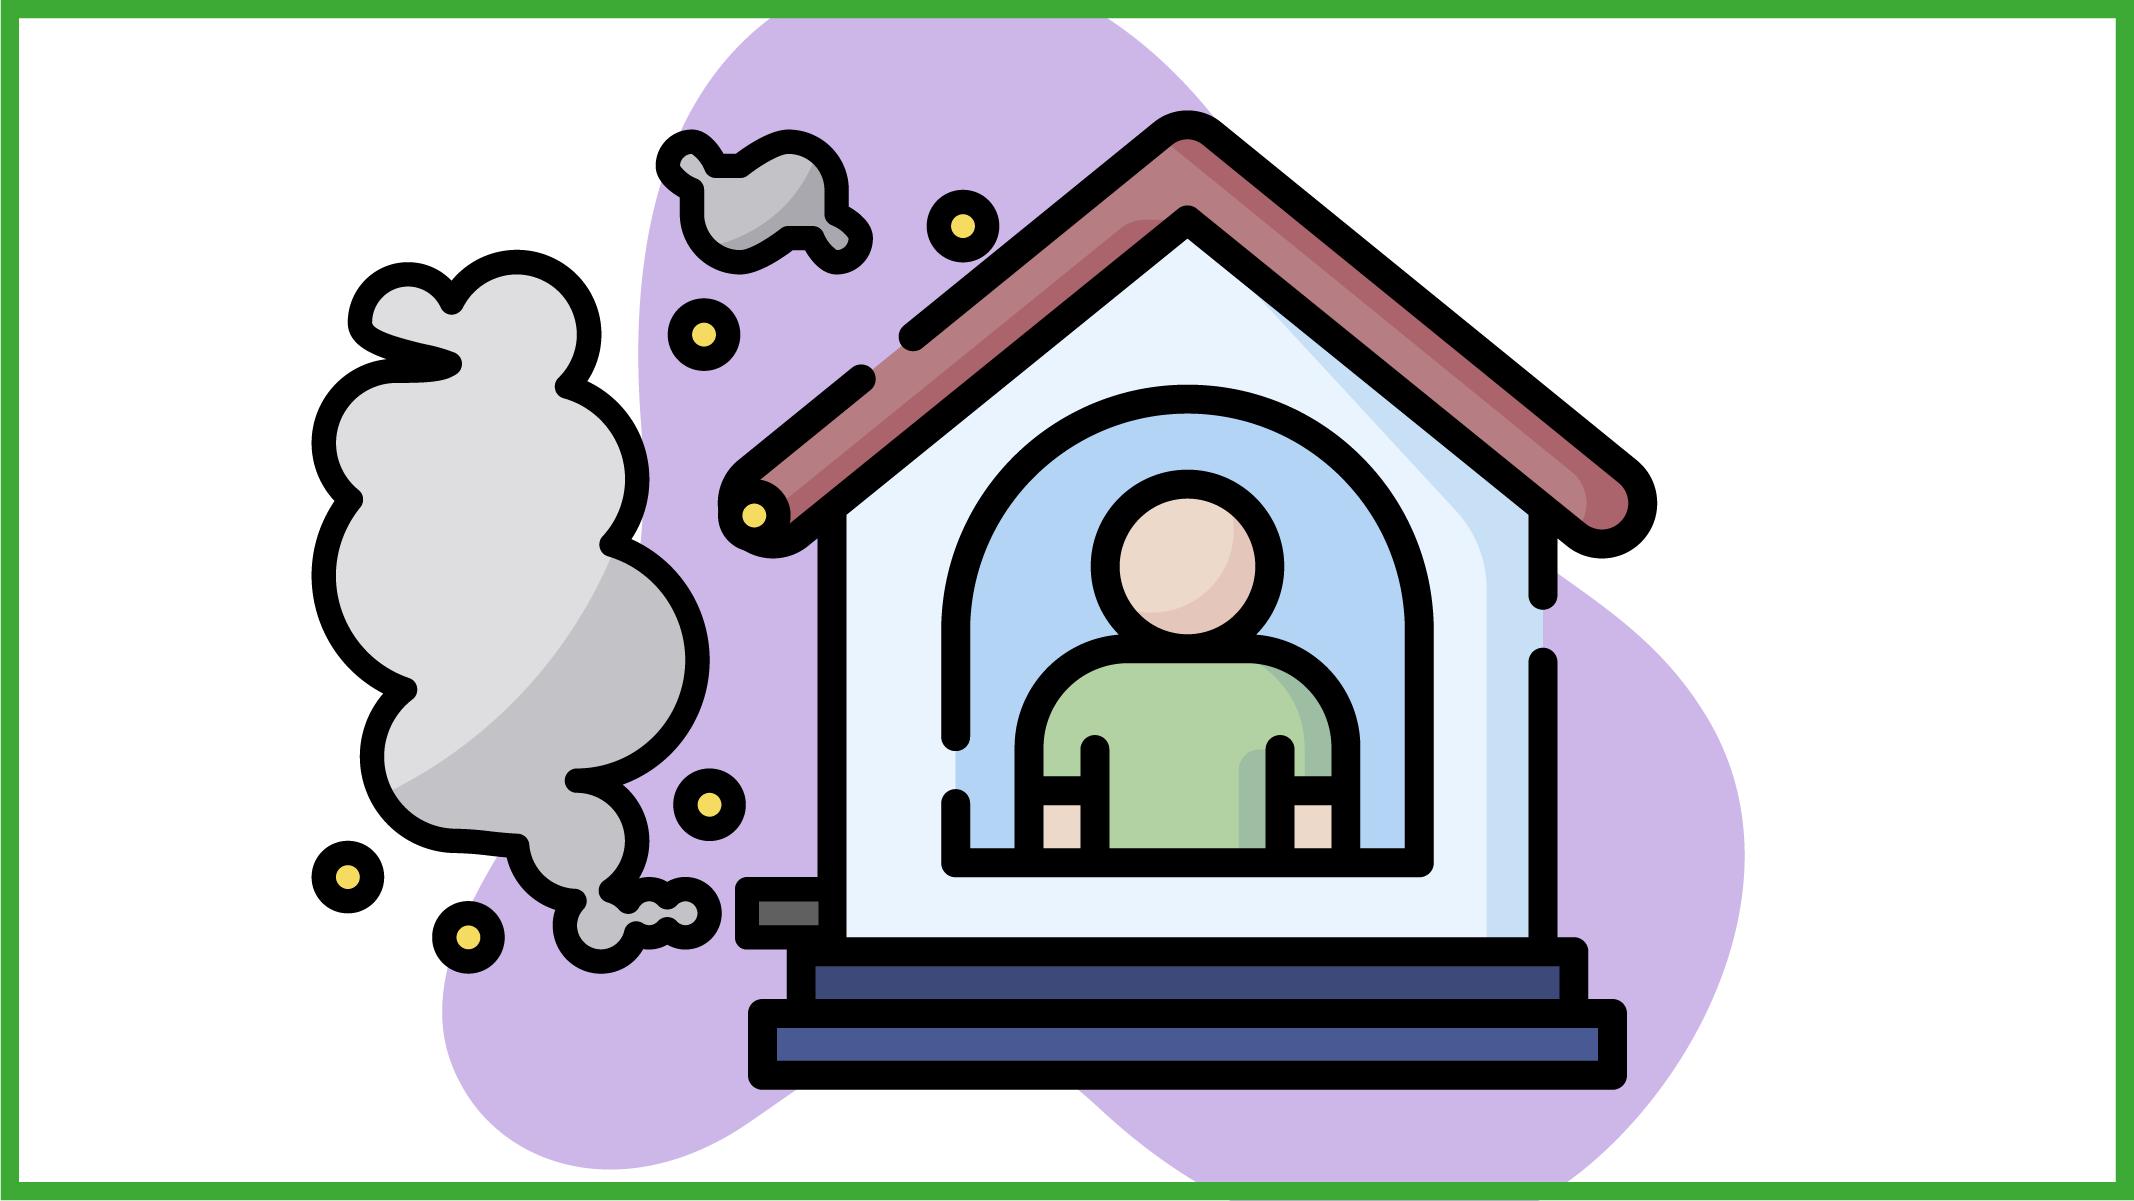 immaigne di casa con scarichi tossici